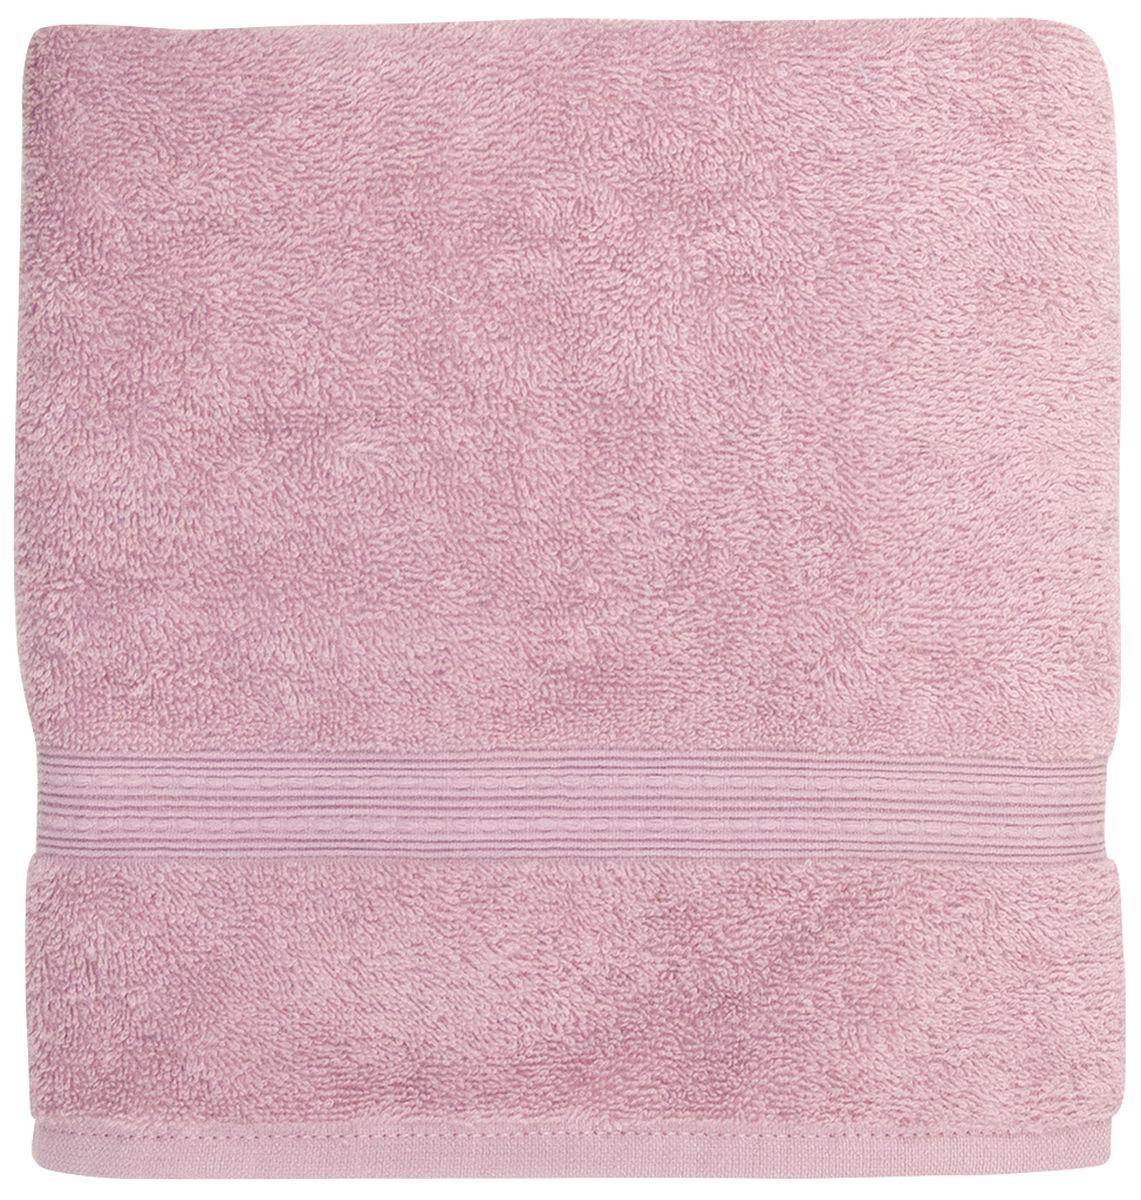 Полотенце банное Bonita Classic, цвет: лаванда, 70 х 140 см1004900000360Банное полотенце Bonita Classic выполнено из 100% хлопка. Изделие отлично впитывает влагу, быстро сохнет, сохраняет яркость цвета и не теряет форму даже после многократных стирок. Такое полотенце очень практично и неприхотливо в уходе. Оно создаст прекрасное настроение и украсит интерьер в ванной комнате.